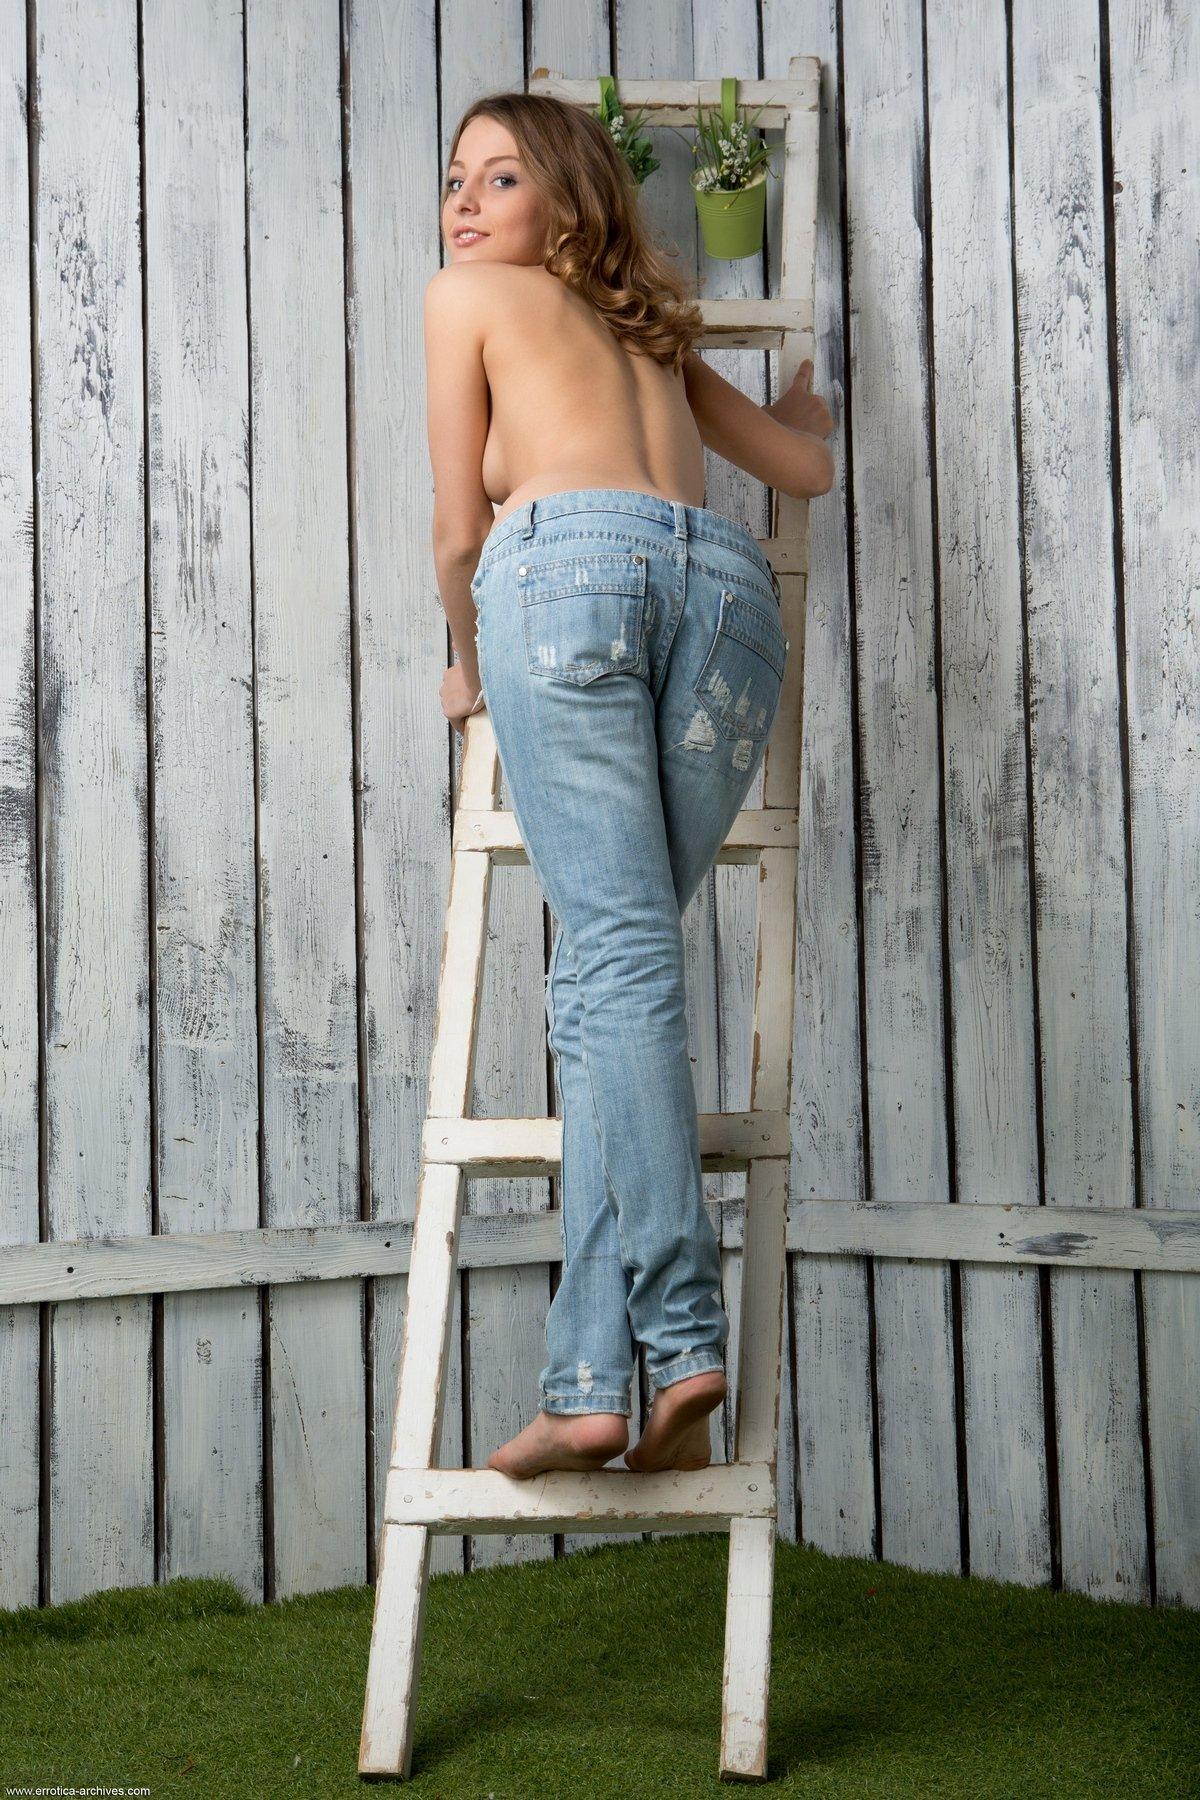 Сучка с крошечными титьками спускает джинсы